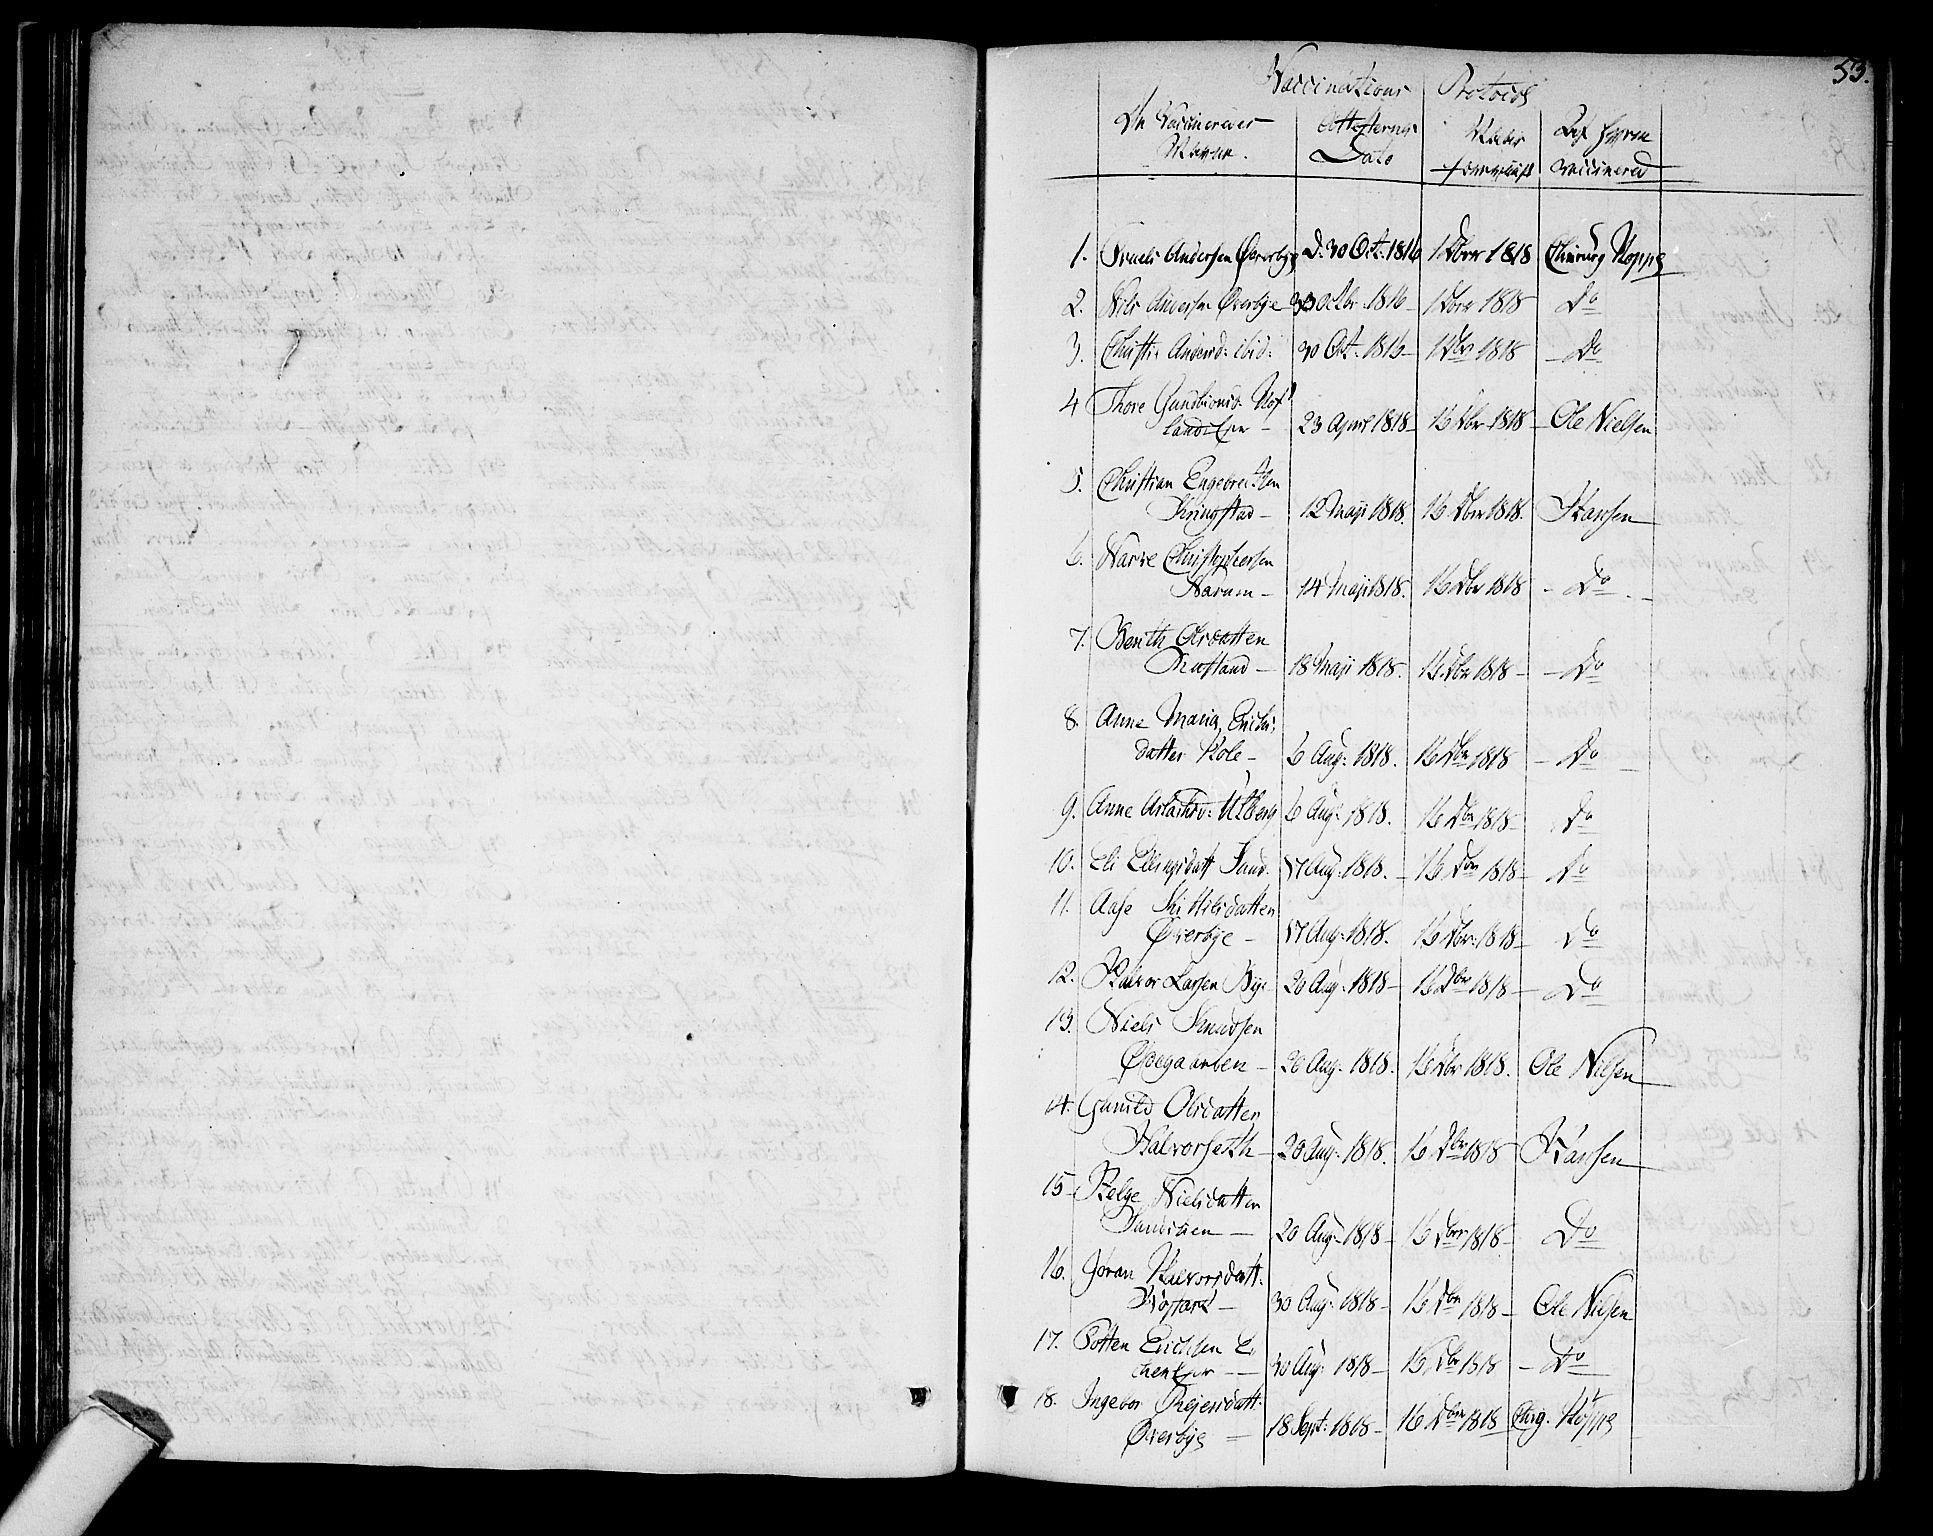 SAKO, Sigdal kirkebøker, F/Fa/L0004: Ministerialbok nr. I 4, 1812-1815, s. 53